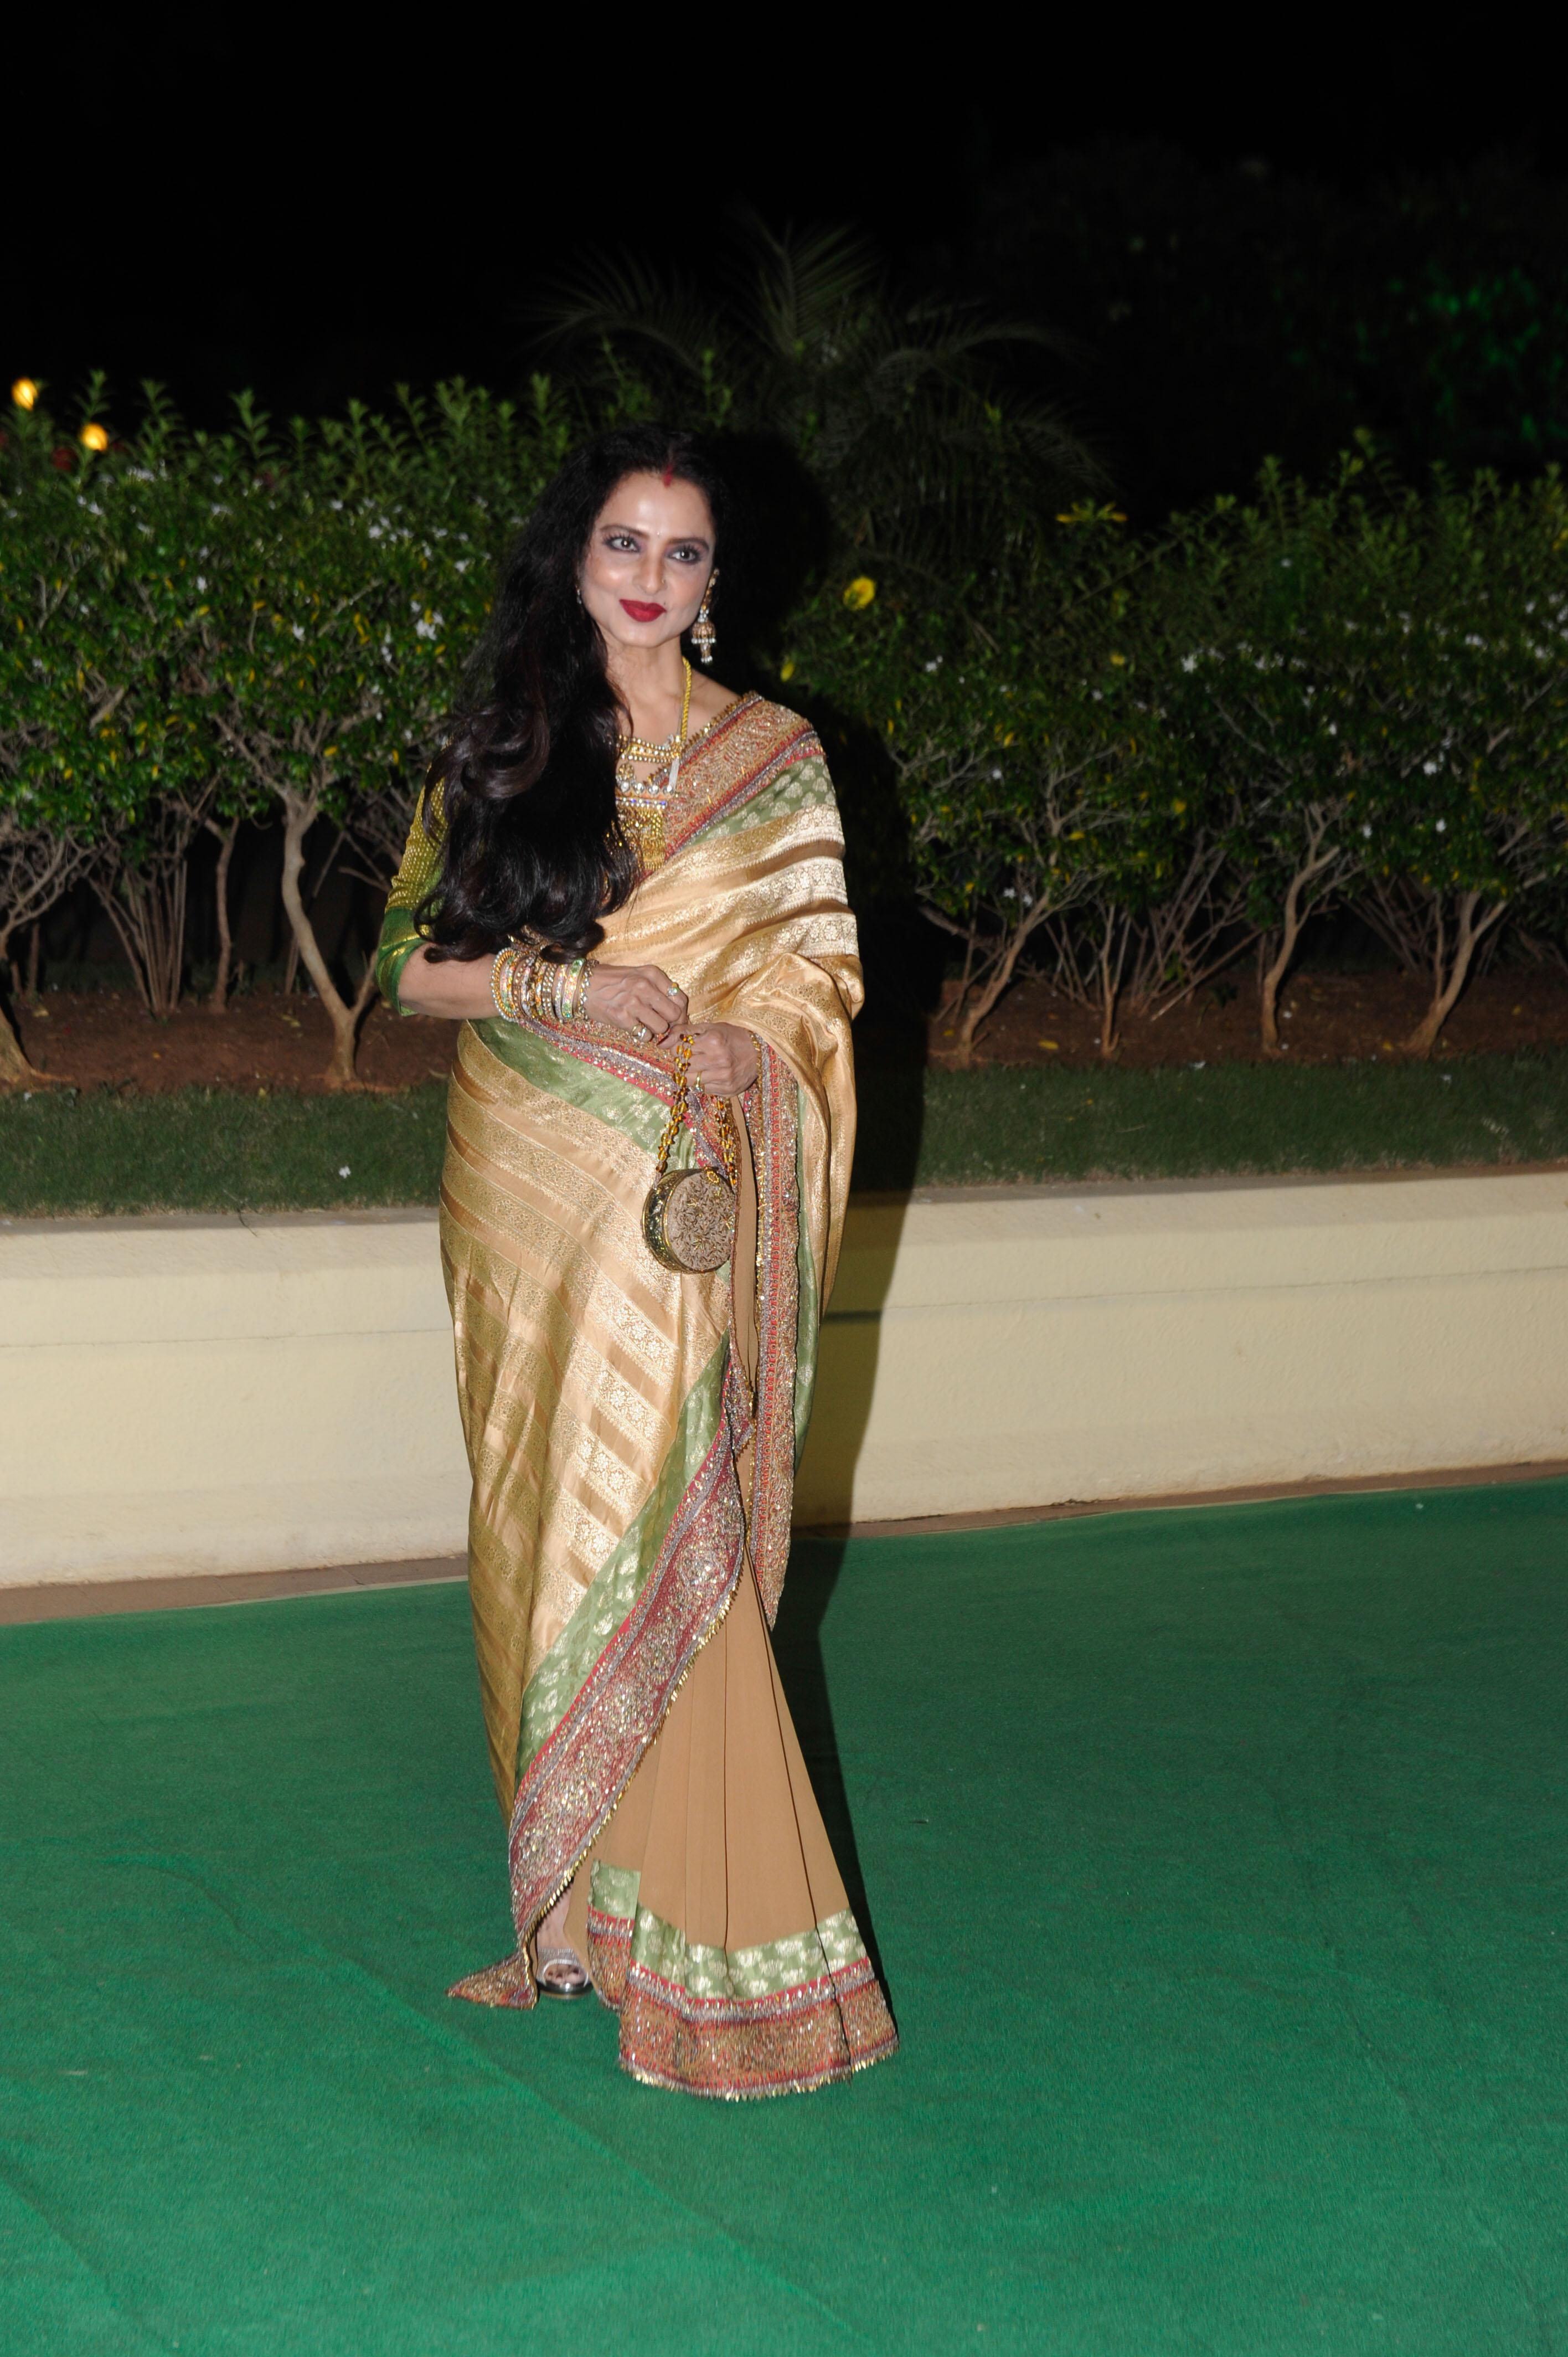 rekha in banaras half and half saree